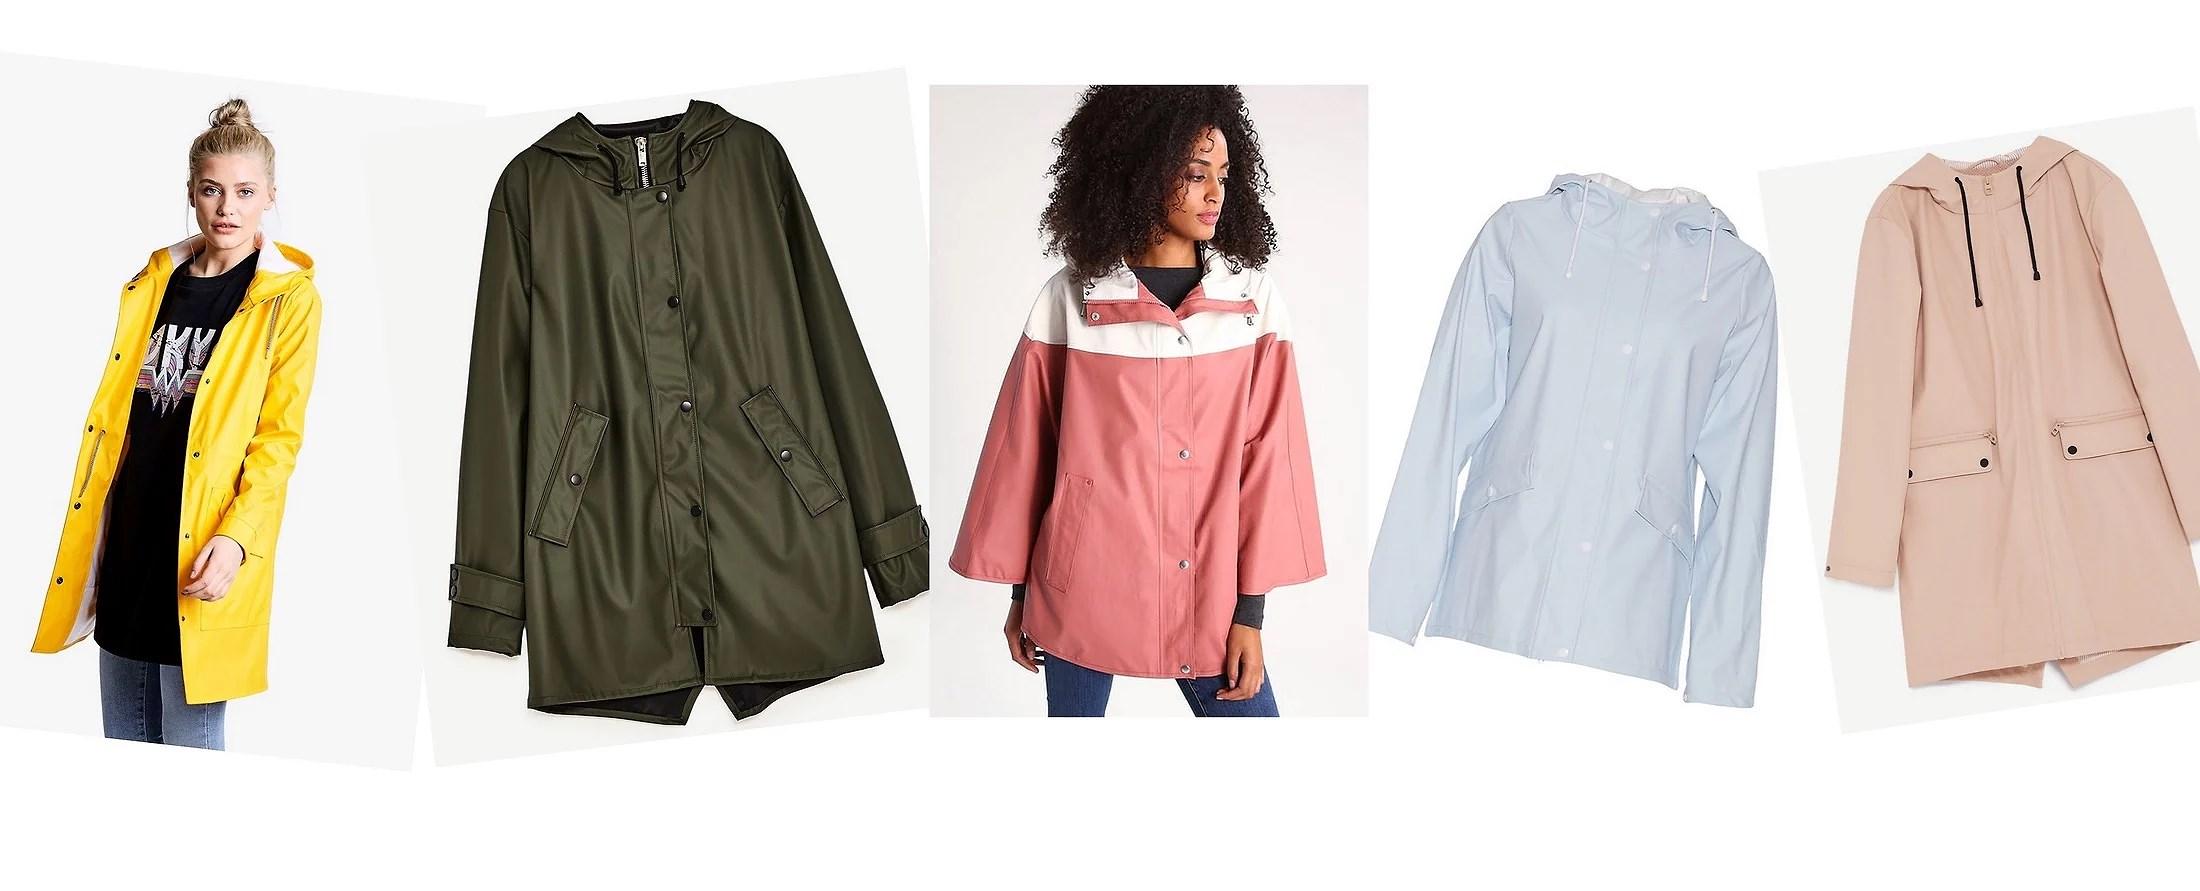 Raincoats, a fashion trend?